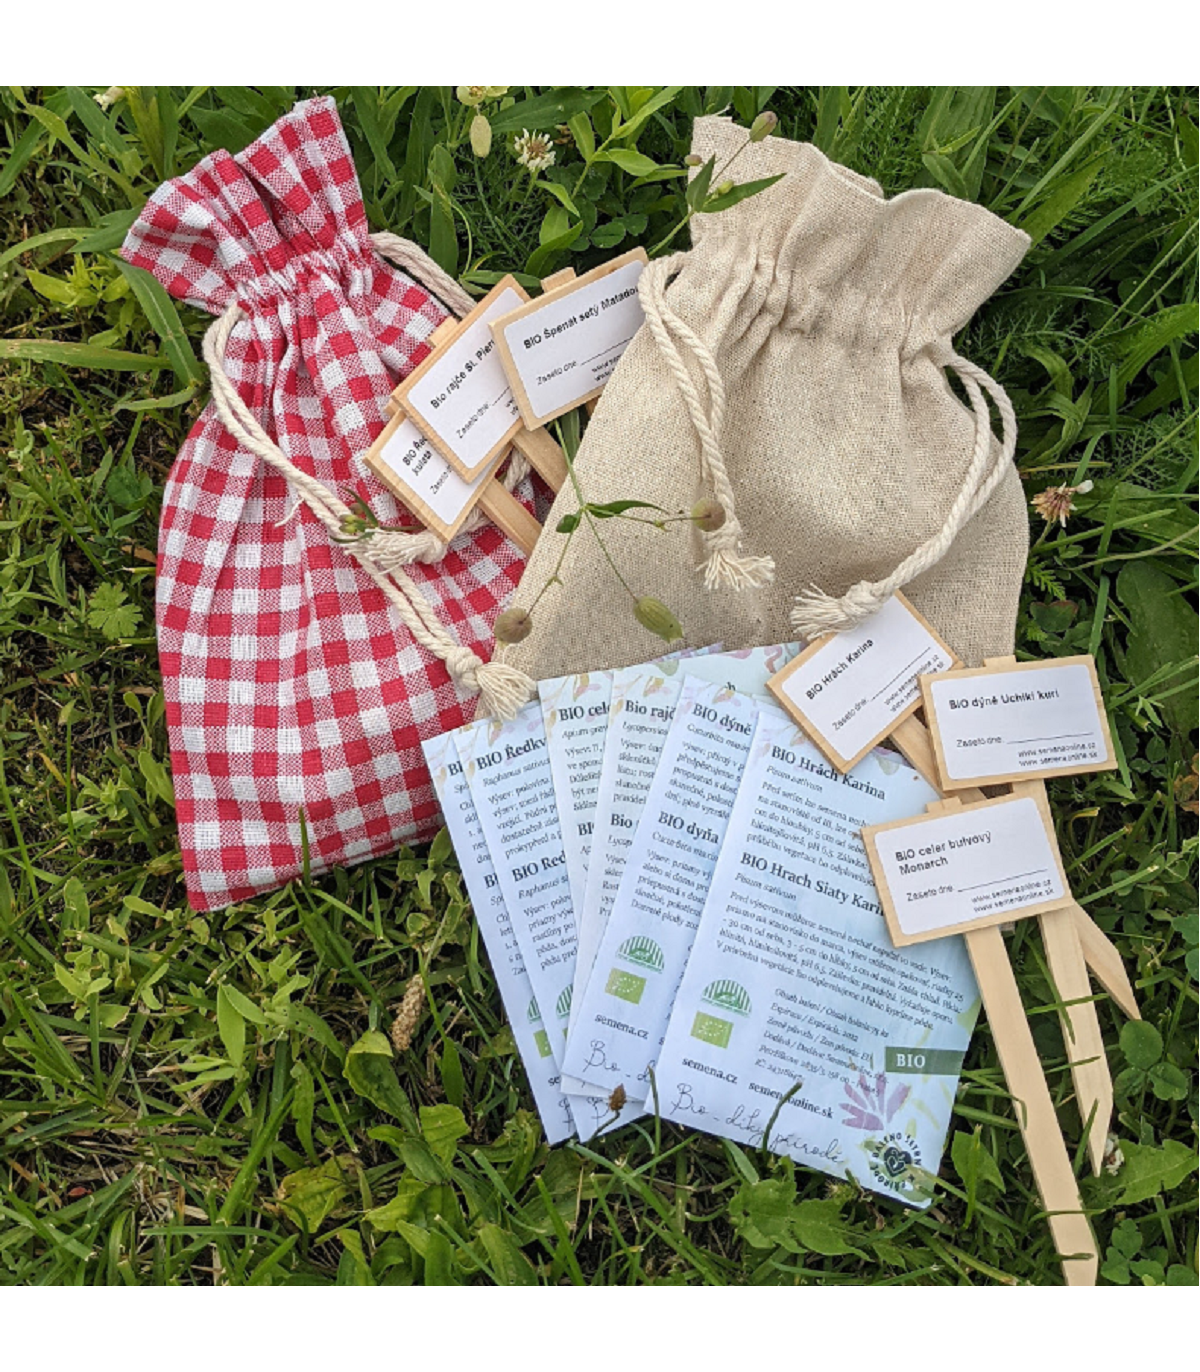 Dárkové balení semen BIO zeleniny - dárkový sáček s visačkou zdarma